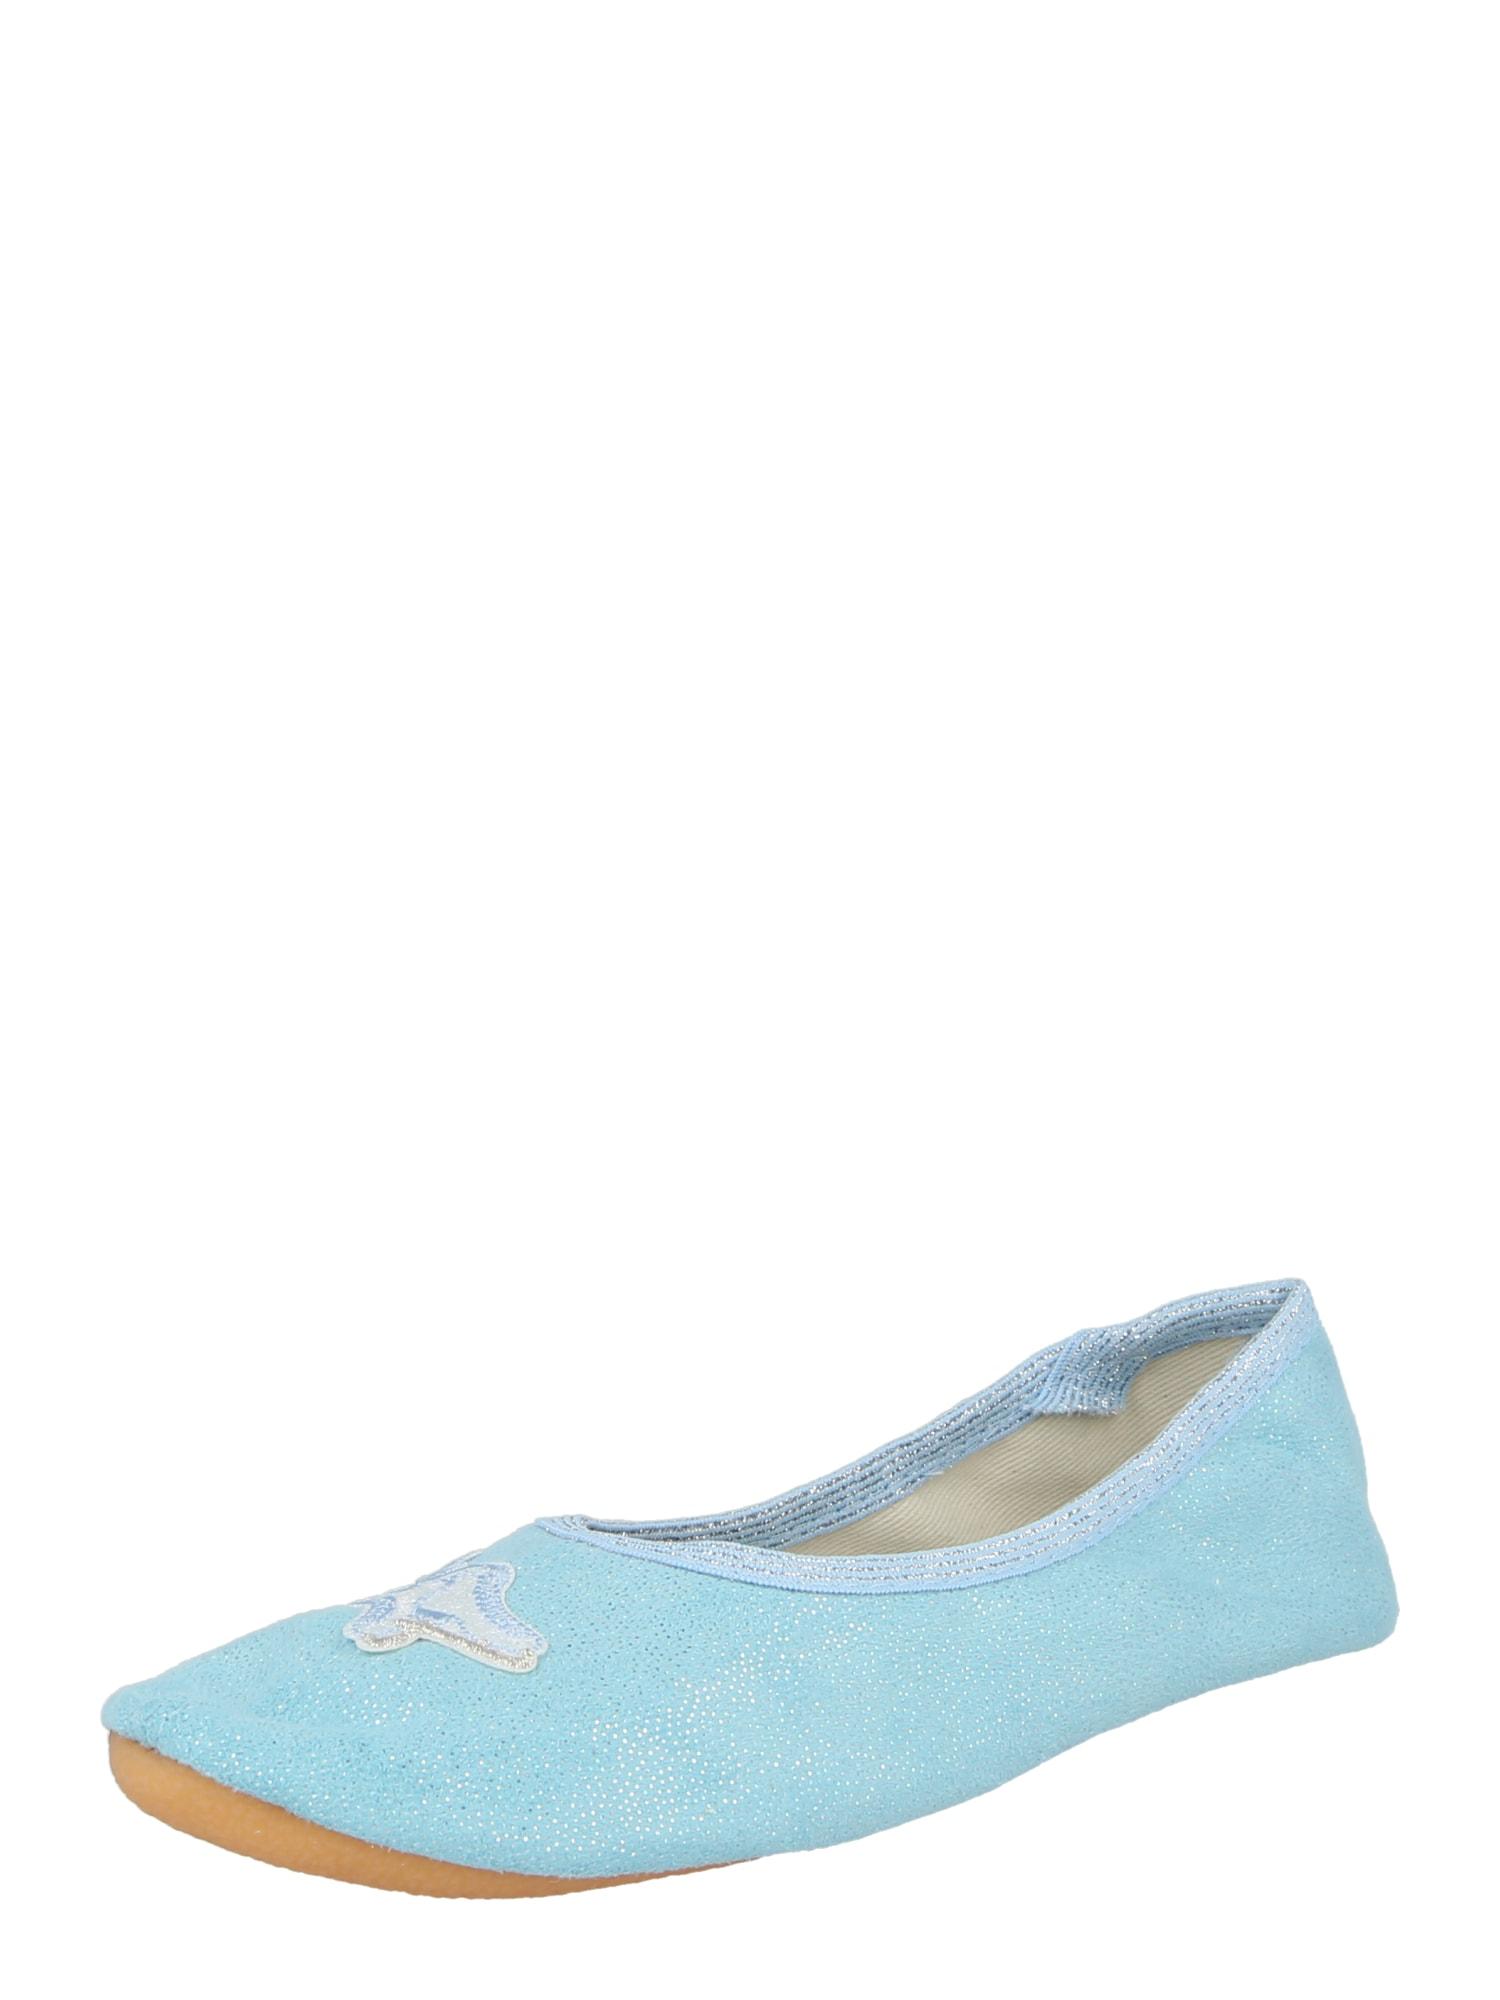 BECK Sportiniai batai 'Ice Dance' šviesiai mėlyna / sidabrinė